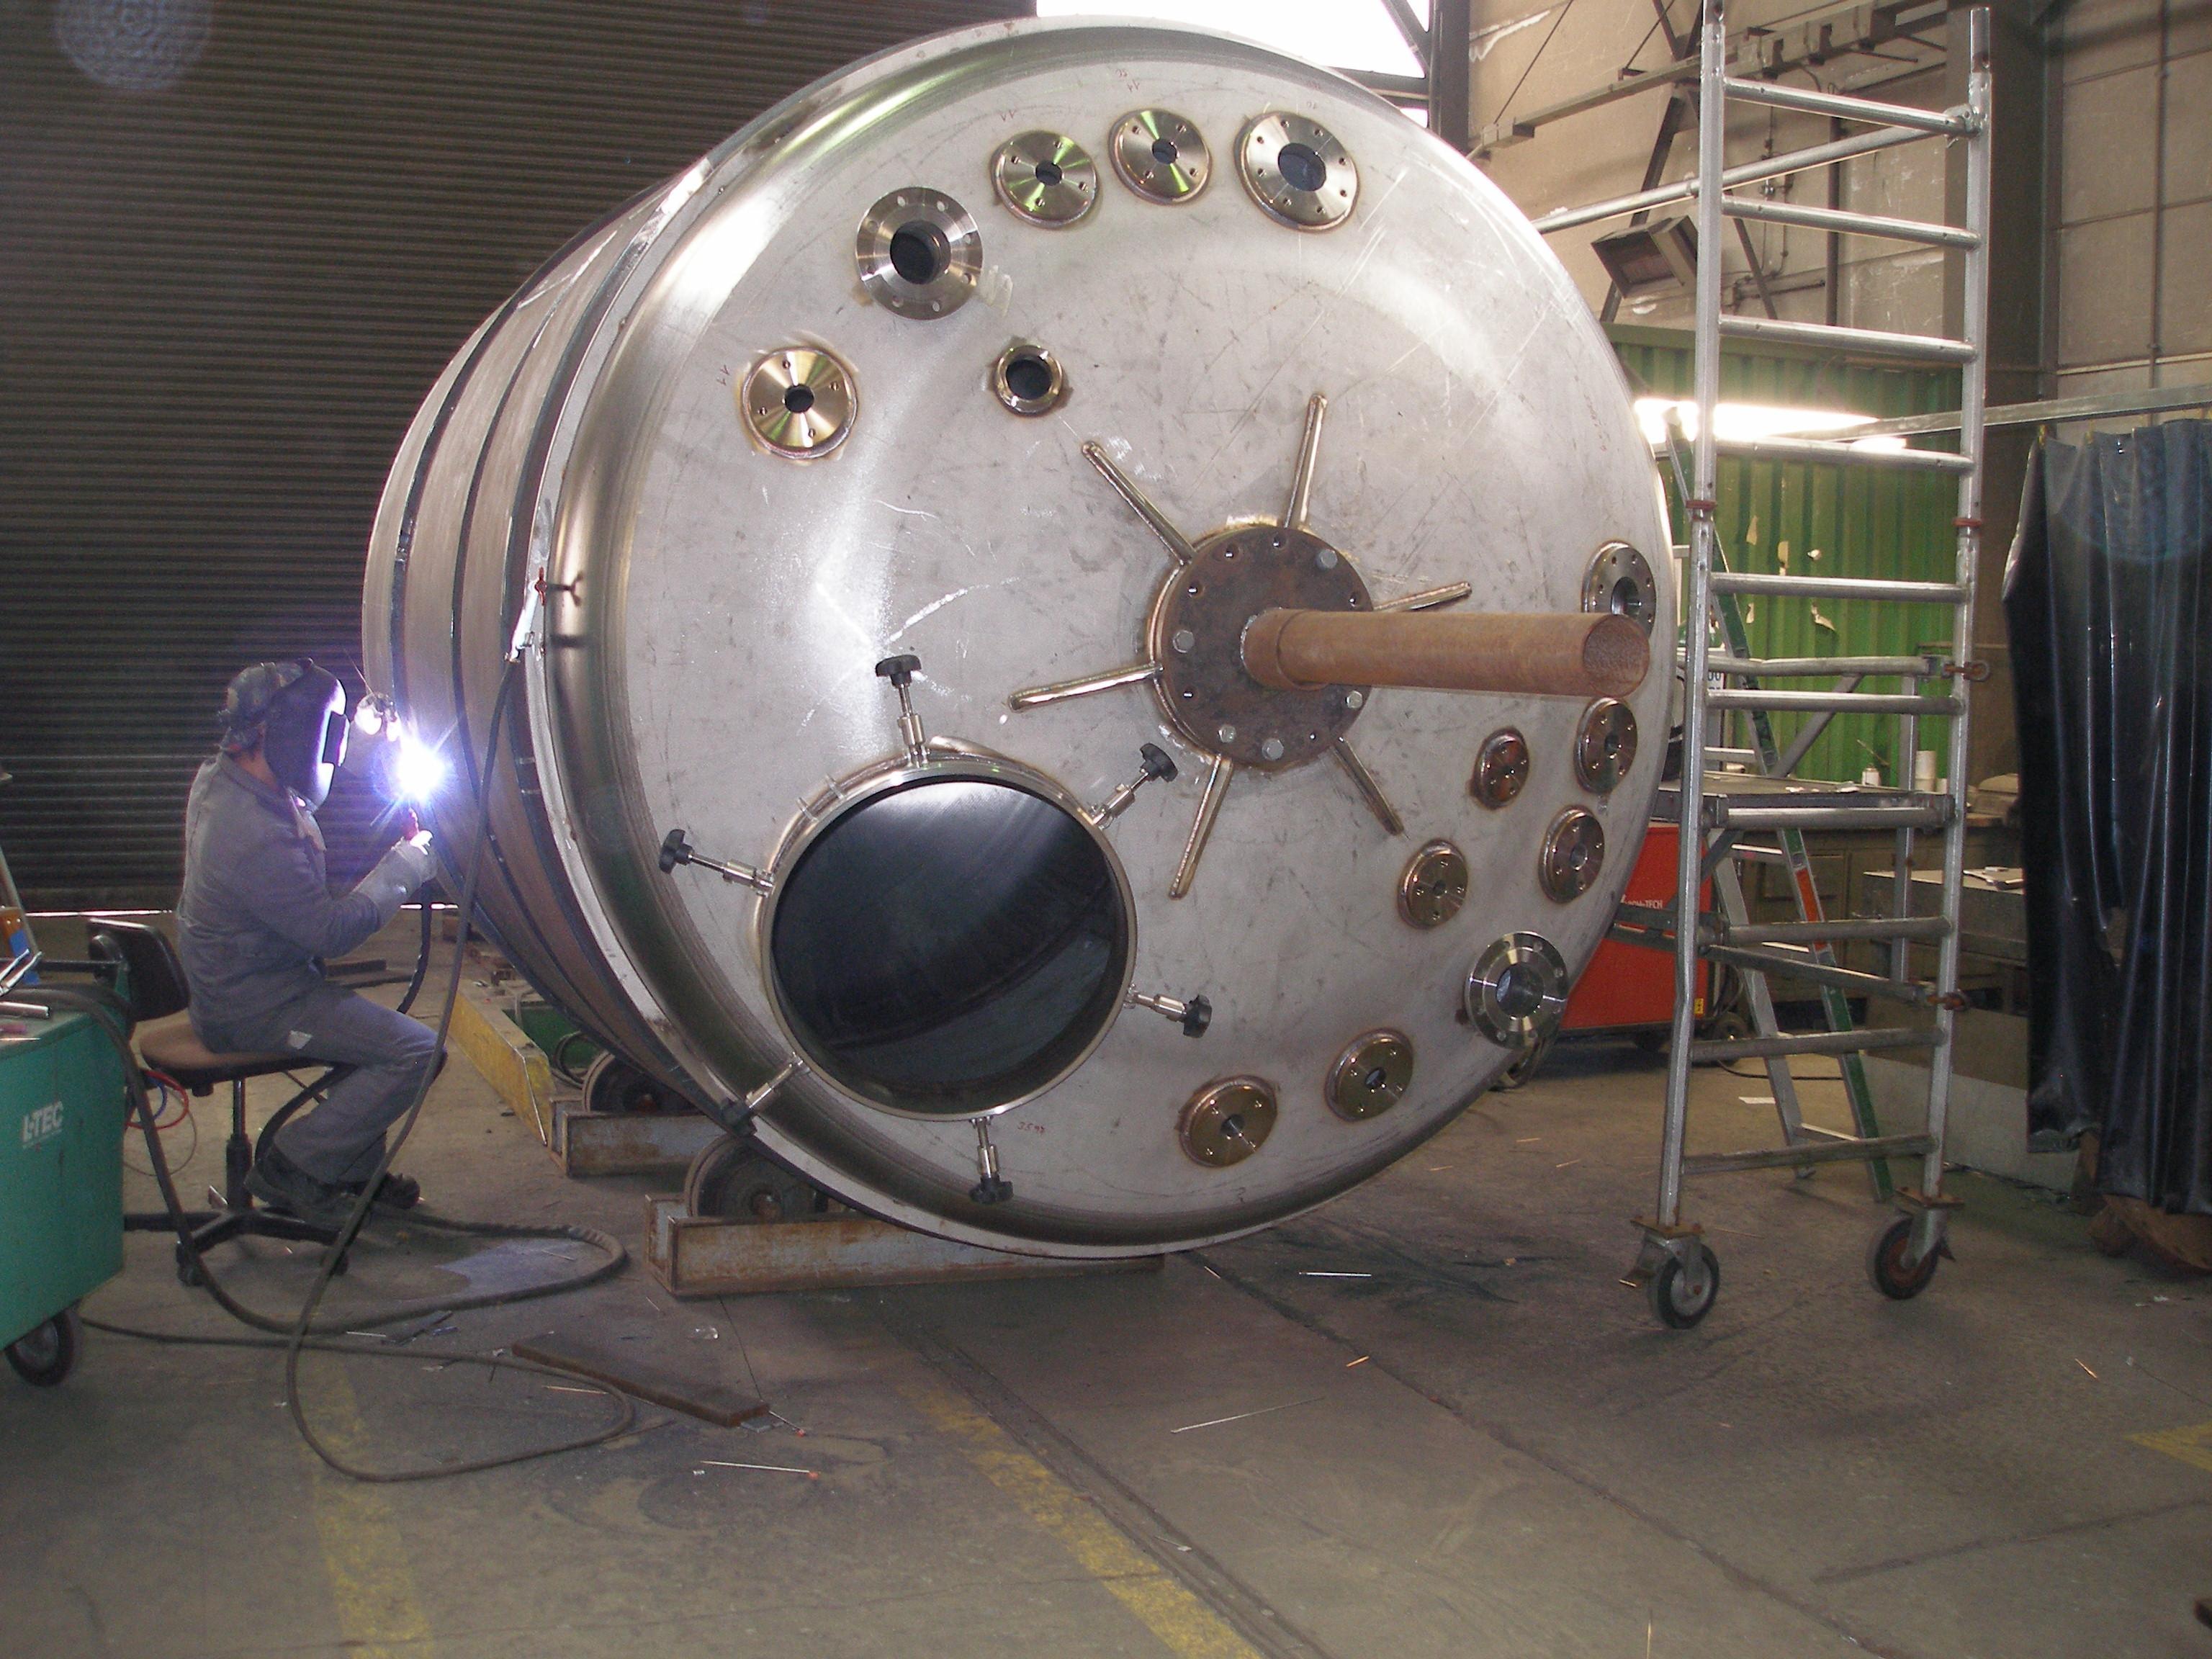 Druckbehälterbau Stahlbau Karl Henrich Stahl- und Rohrleitungsbau GmbH